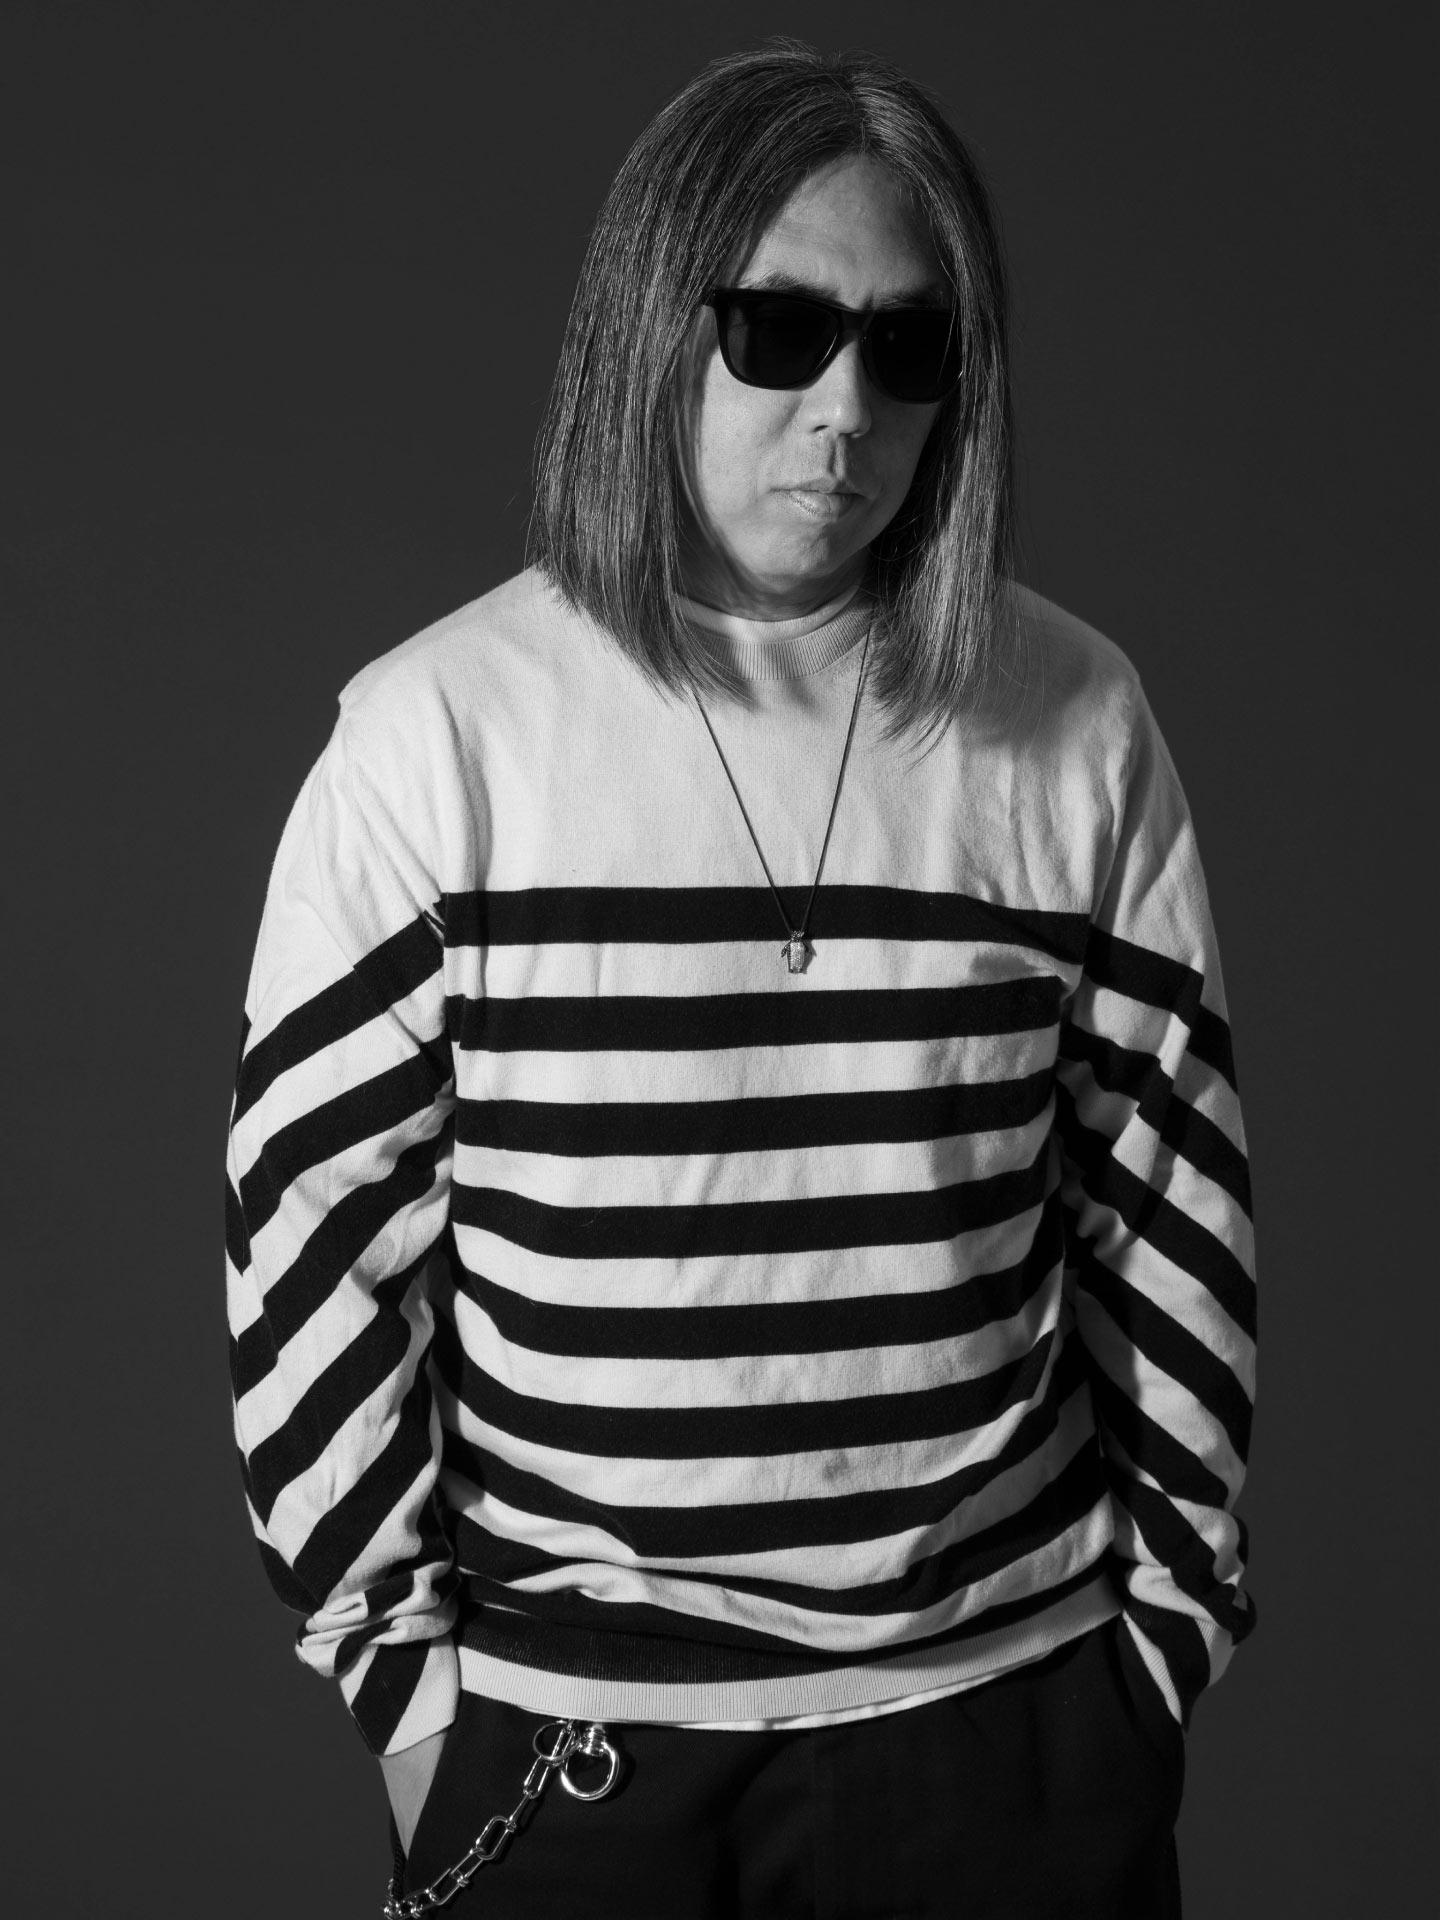 7 MONCLER FRGMT HIROSHI FUJIWARA - Black and white image of Hiroshi Fujiwara